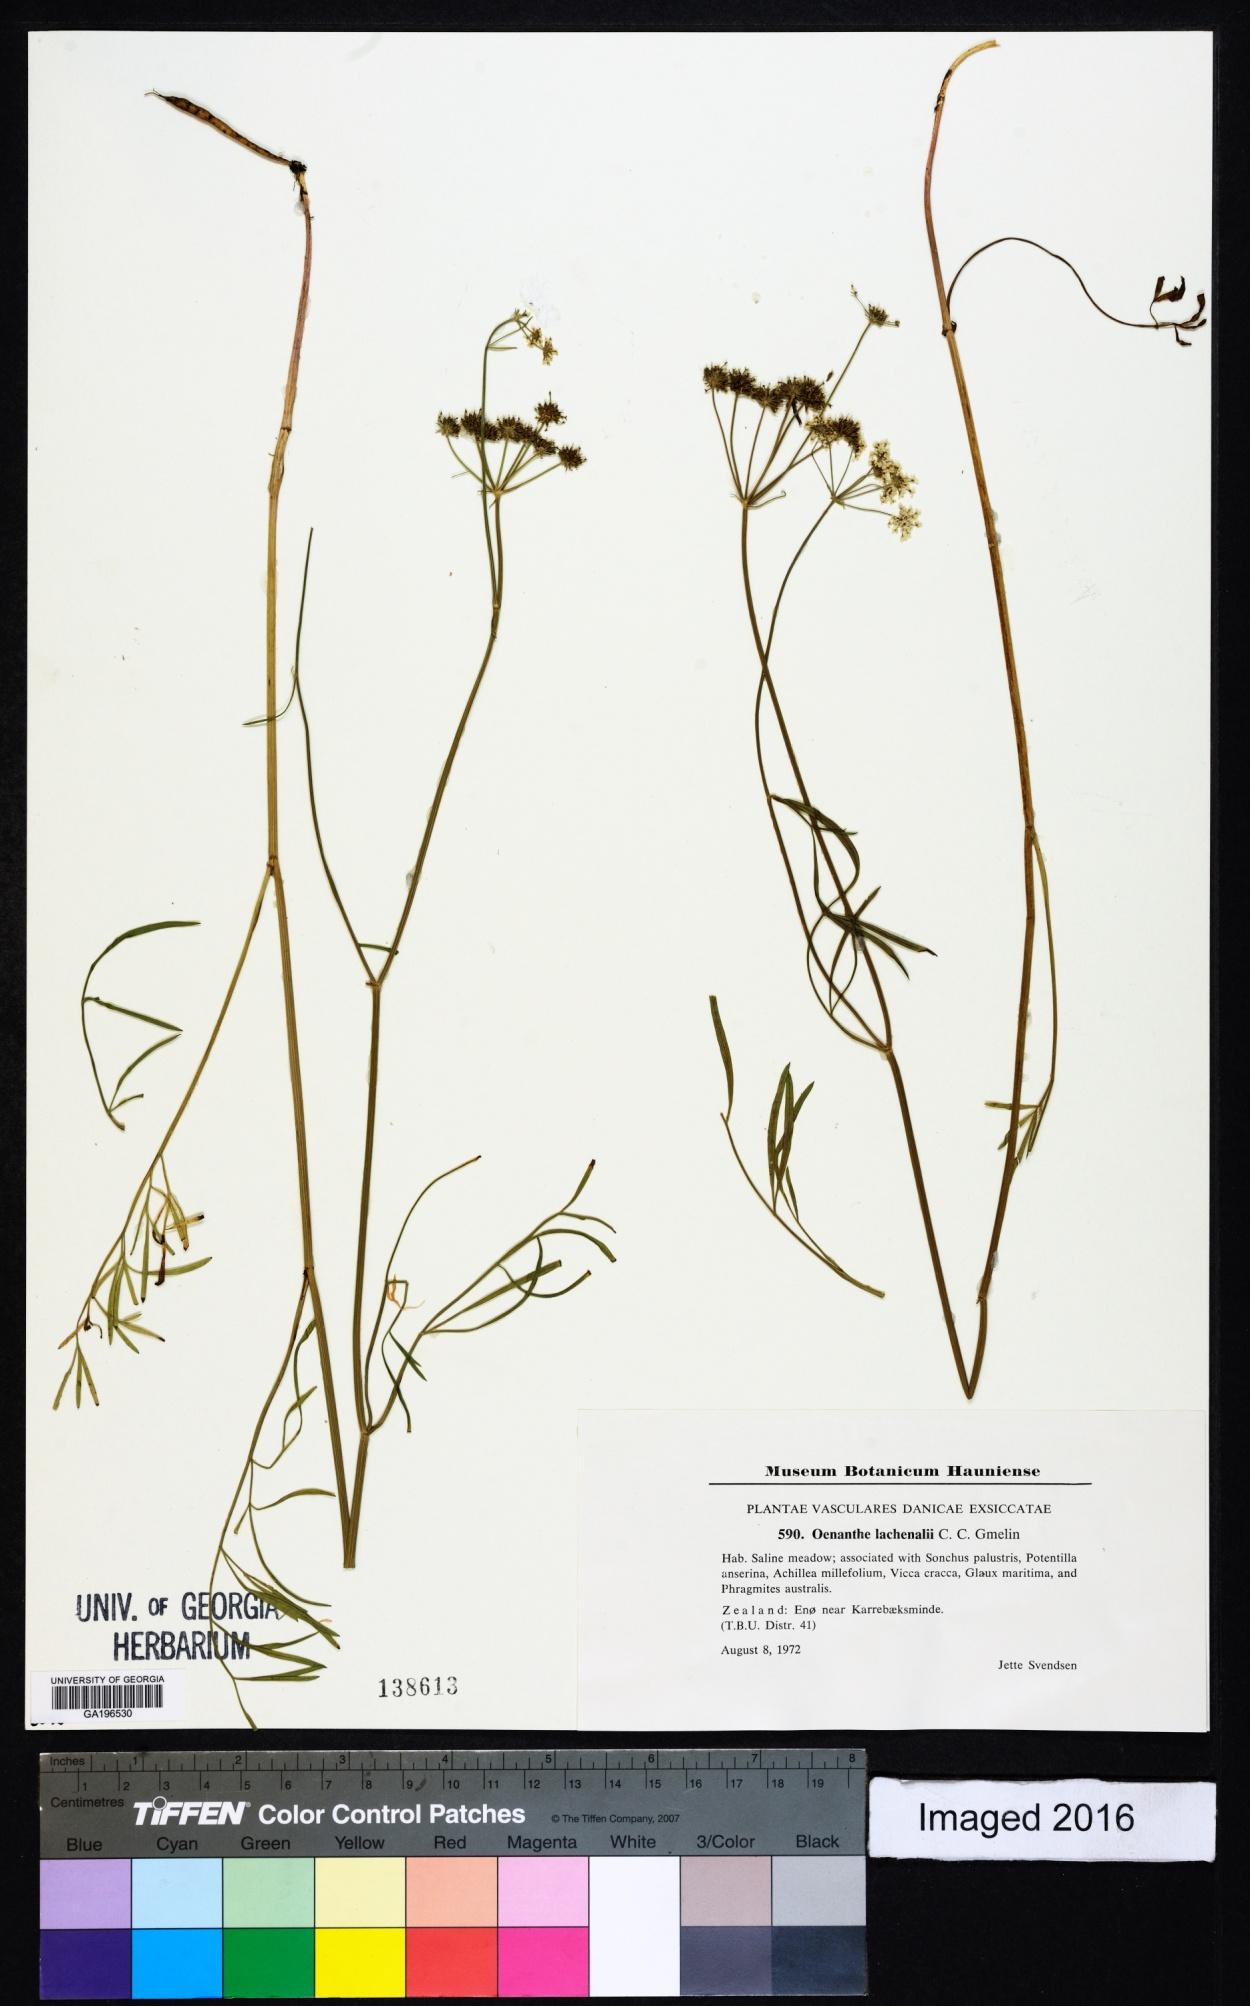 Oenanthe lachenalii image